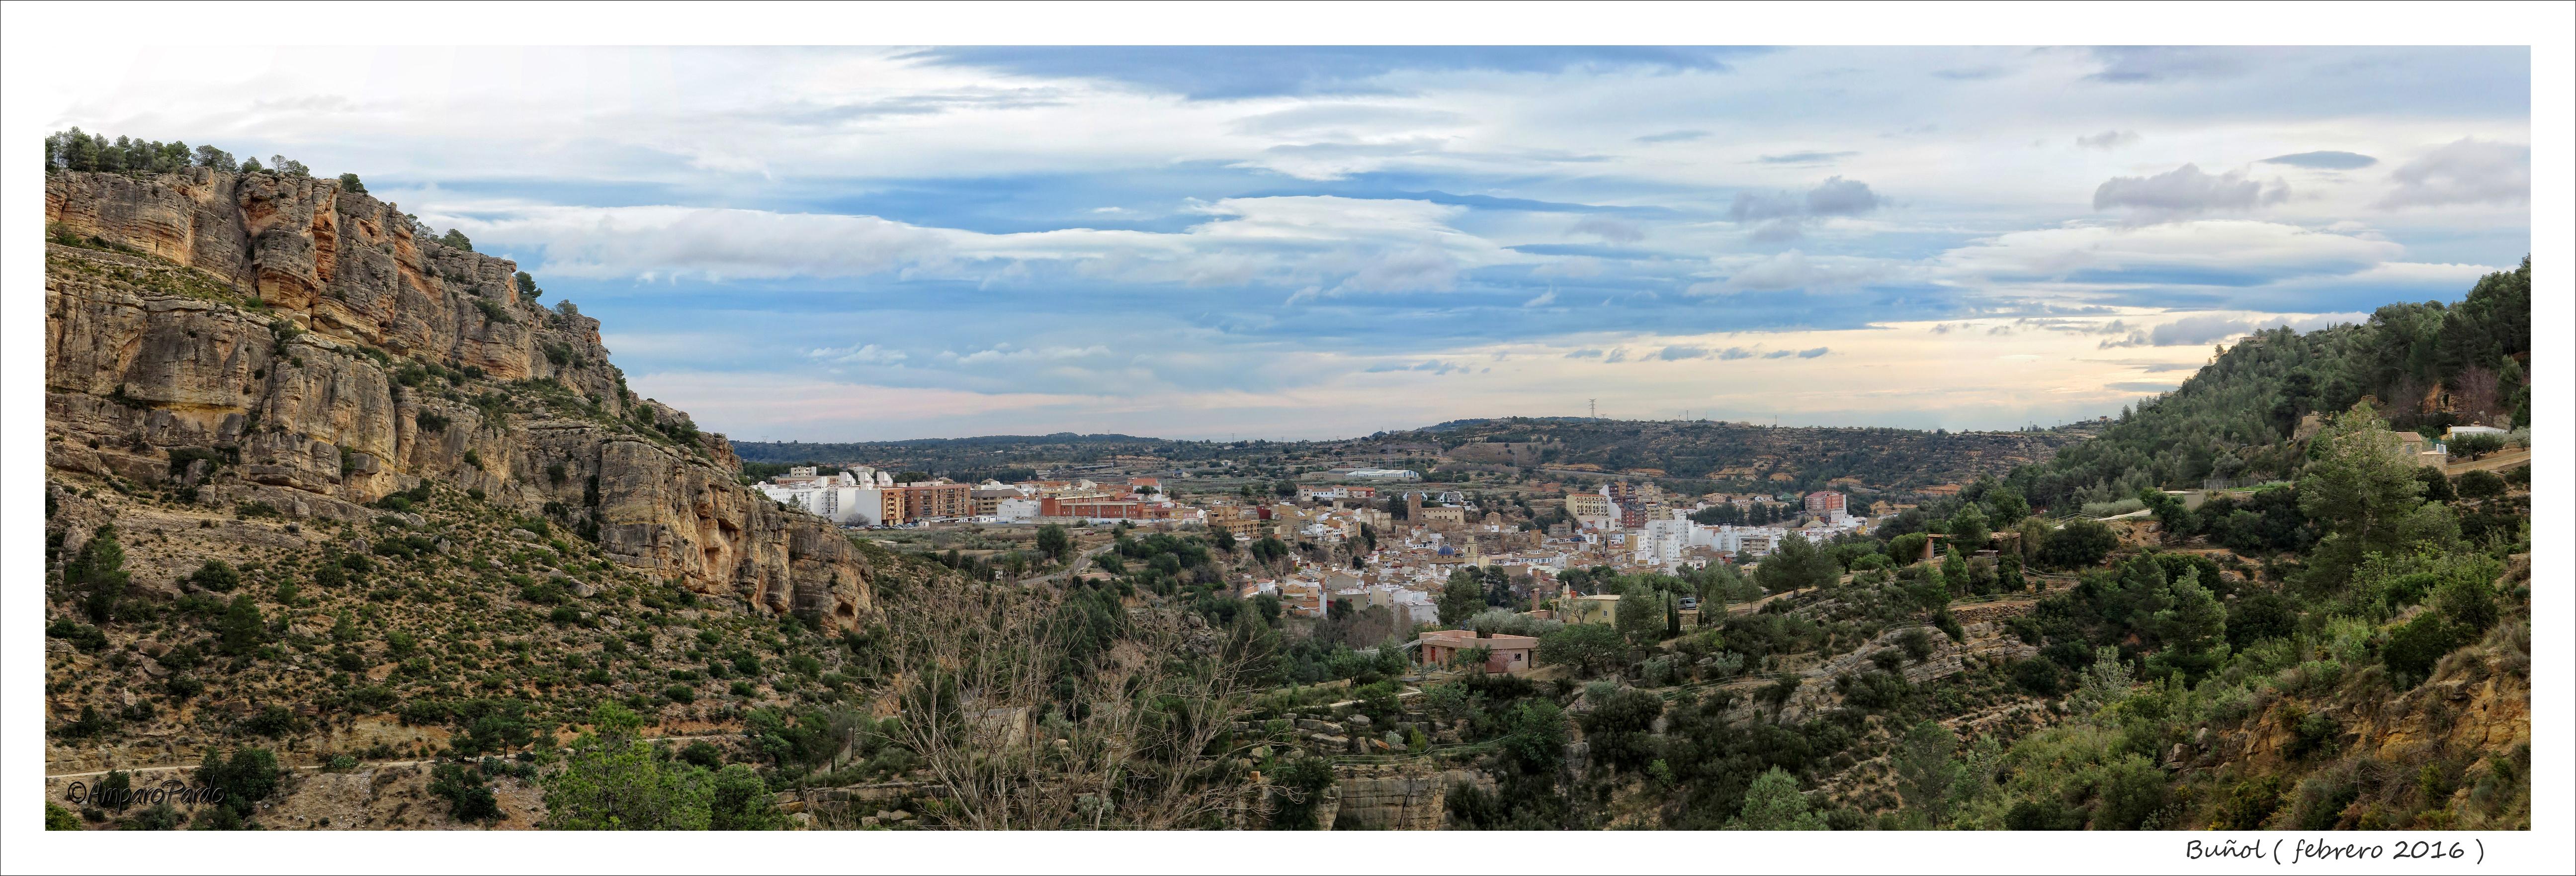 panoramica1 REDmarco